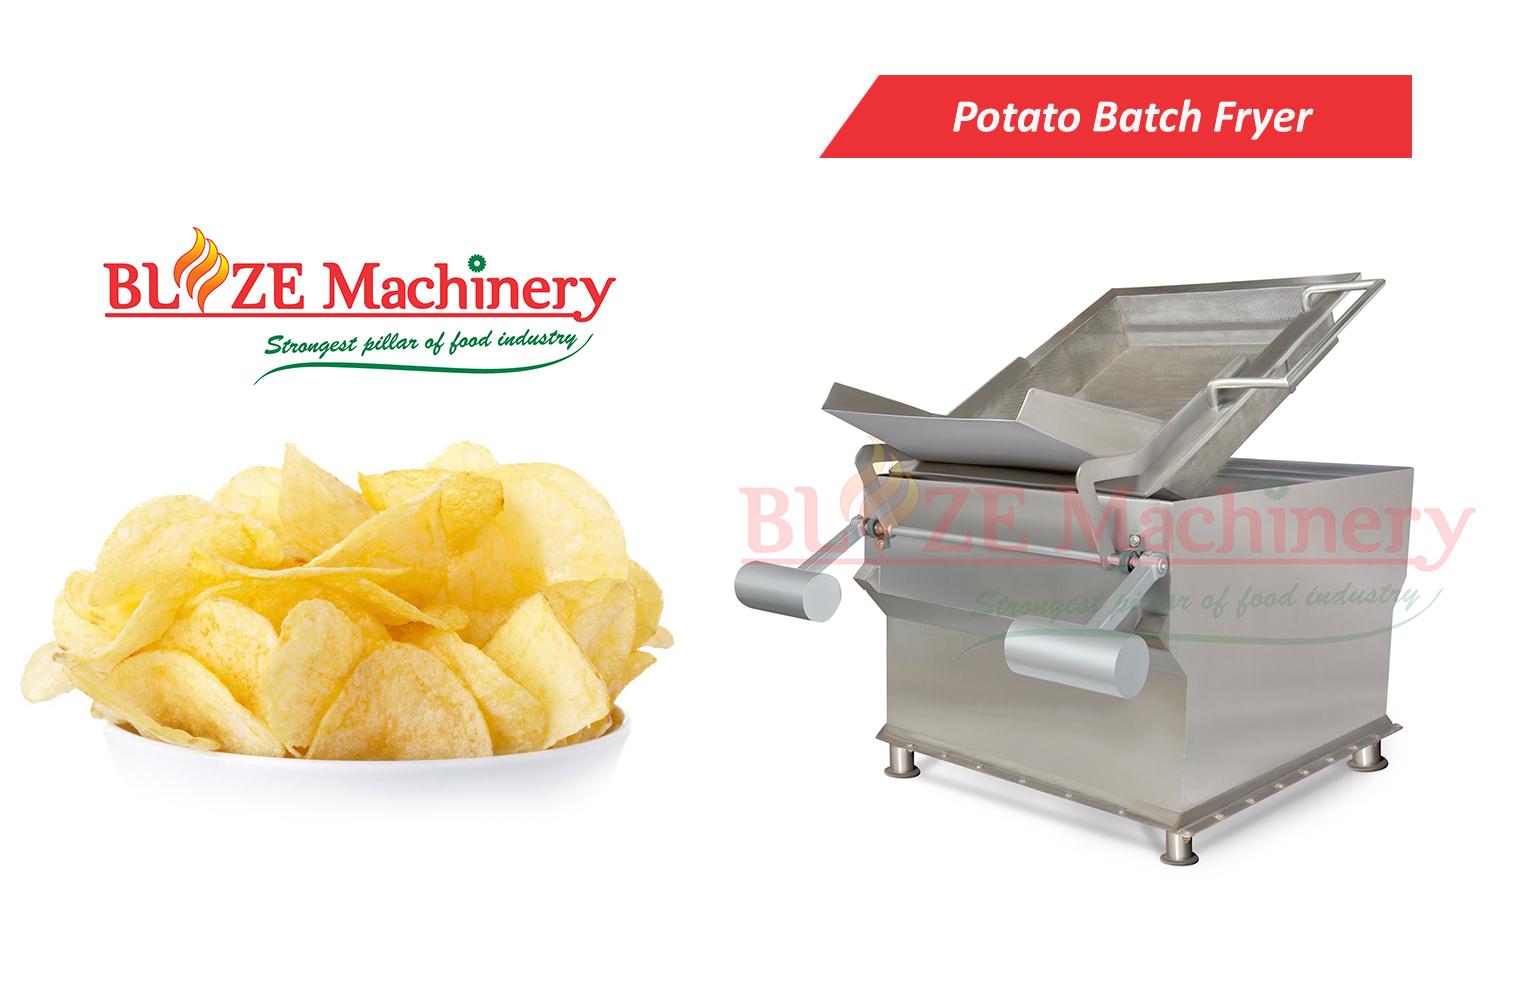 Potato Batch Fryer